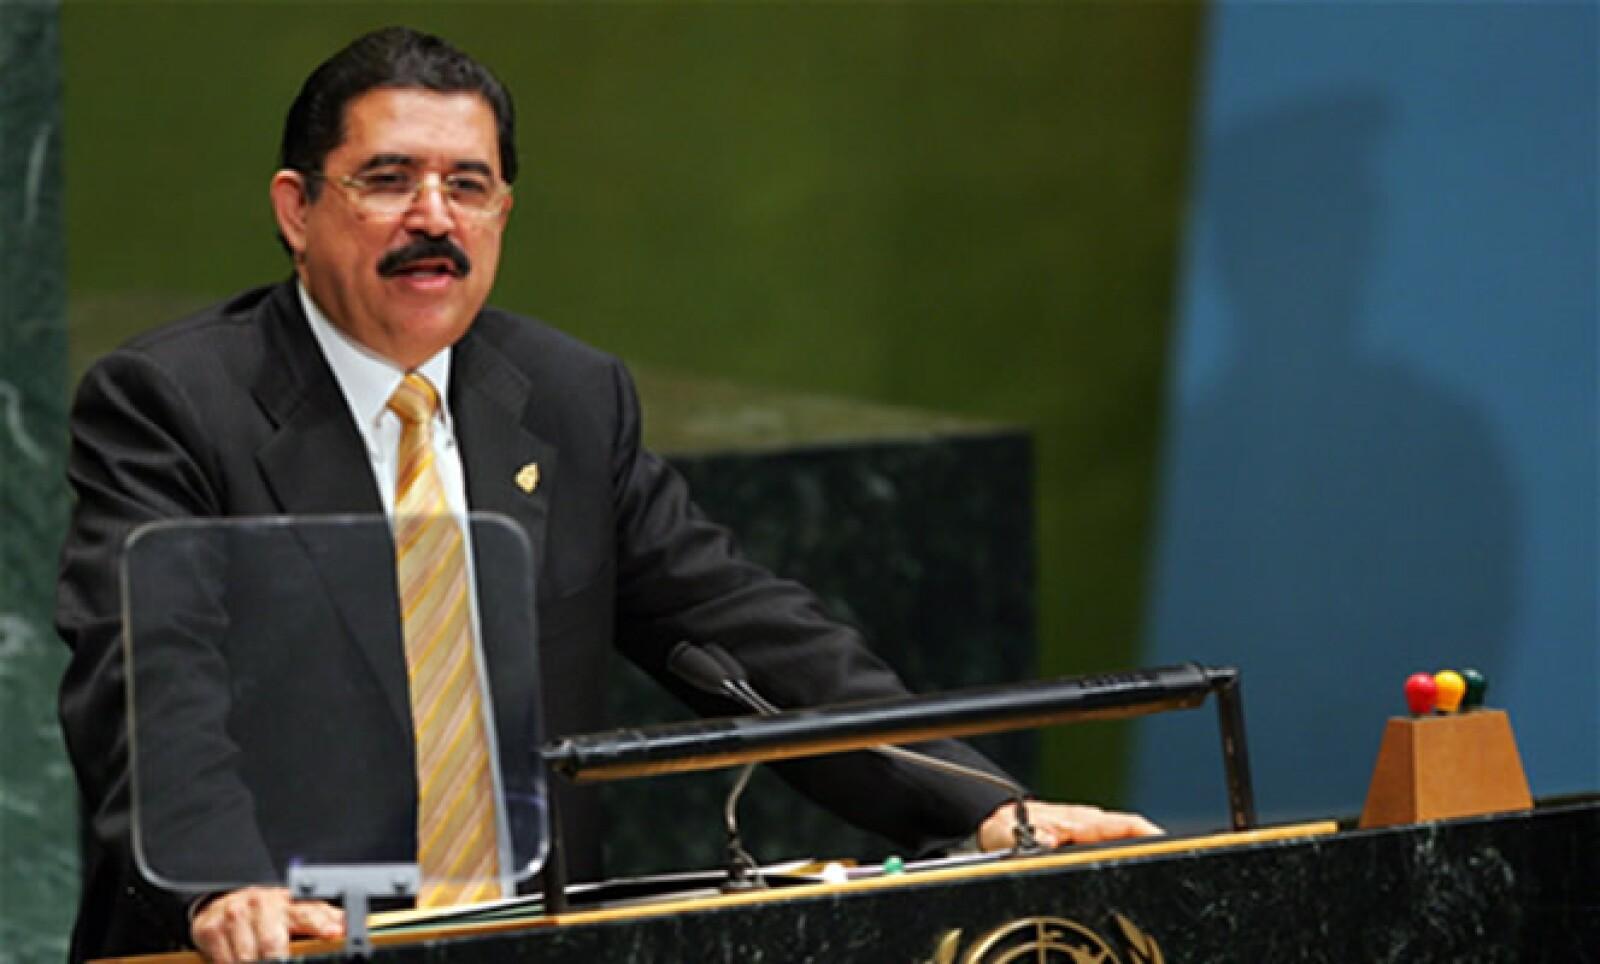 El depuesto presidente de Honduras enfrentará este domingo a la opinión pública tras las elecciones que se llevarán a cabo en ese país; el proceso electoral será monitoreado por organismos internacionales y por miembros del Congreso de EU.